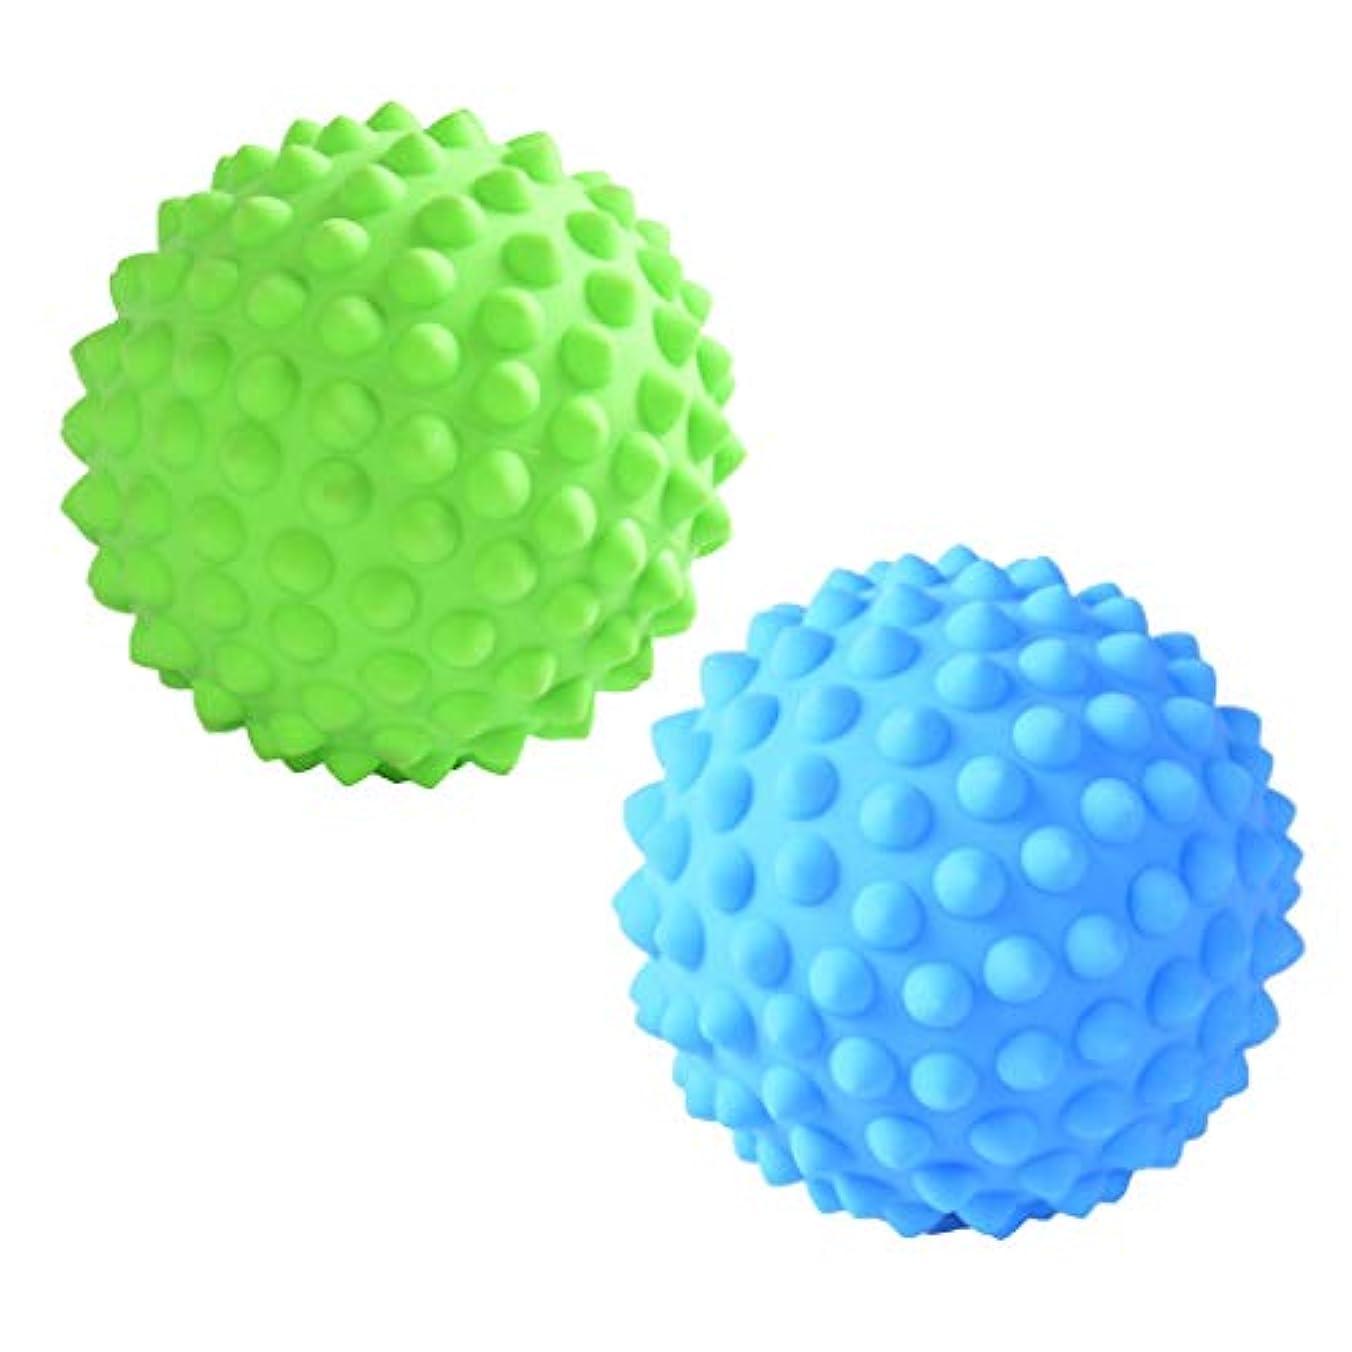 クランプ悪質な適応的P Prettyia マッサージローラーボール 指圧ボール PVC トリガーポイント 疲れ解消ボール ヨガ 疲労軽減 2個